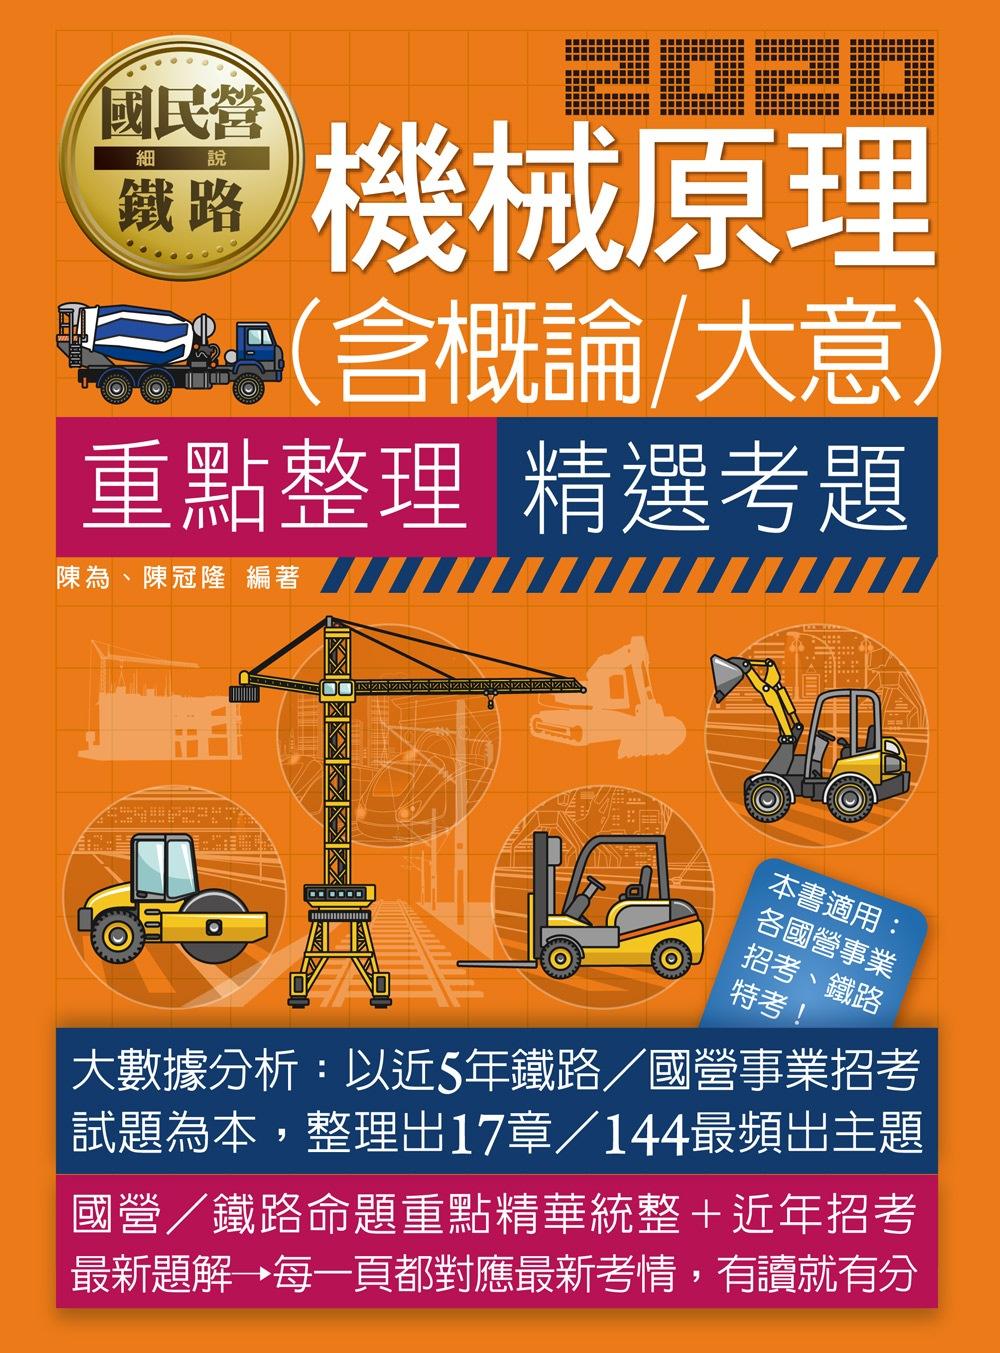 【全新重點+題庫詳解】國營事業/鐵路特考適用:機械原理大意/概論